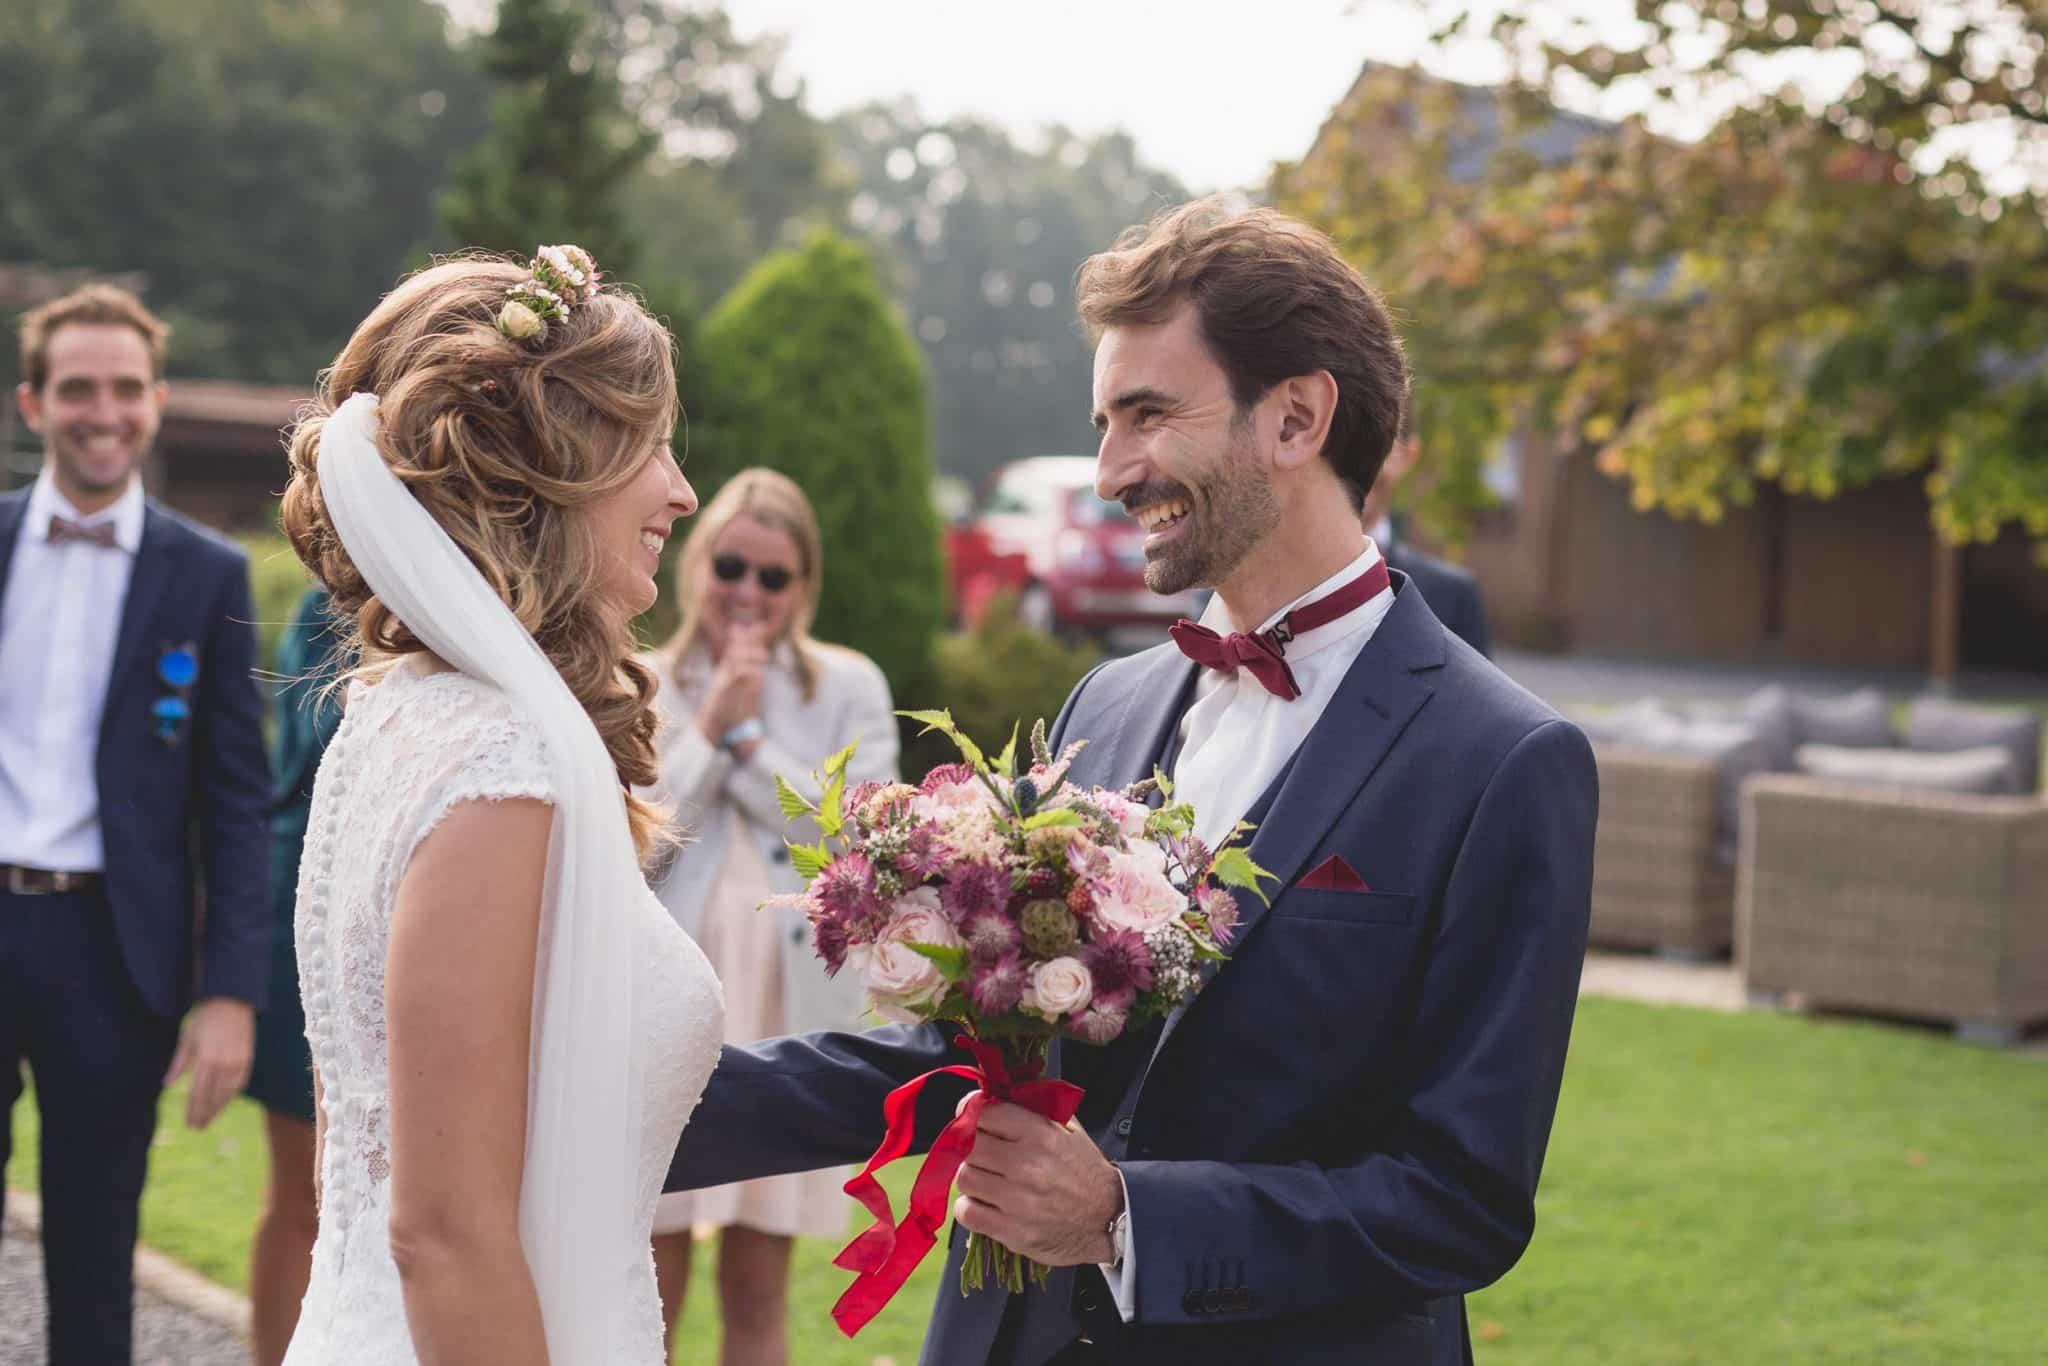 Photographe mariage Lille Nord tony masclet mariés